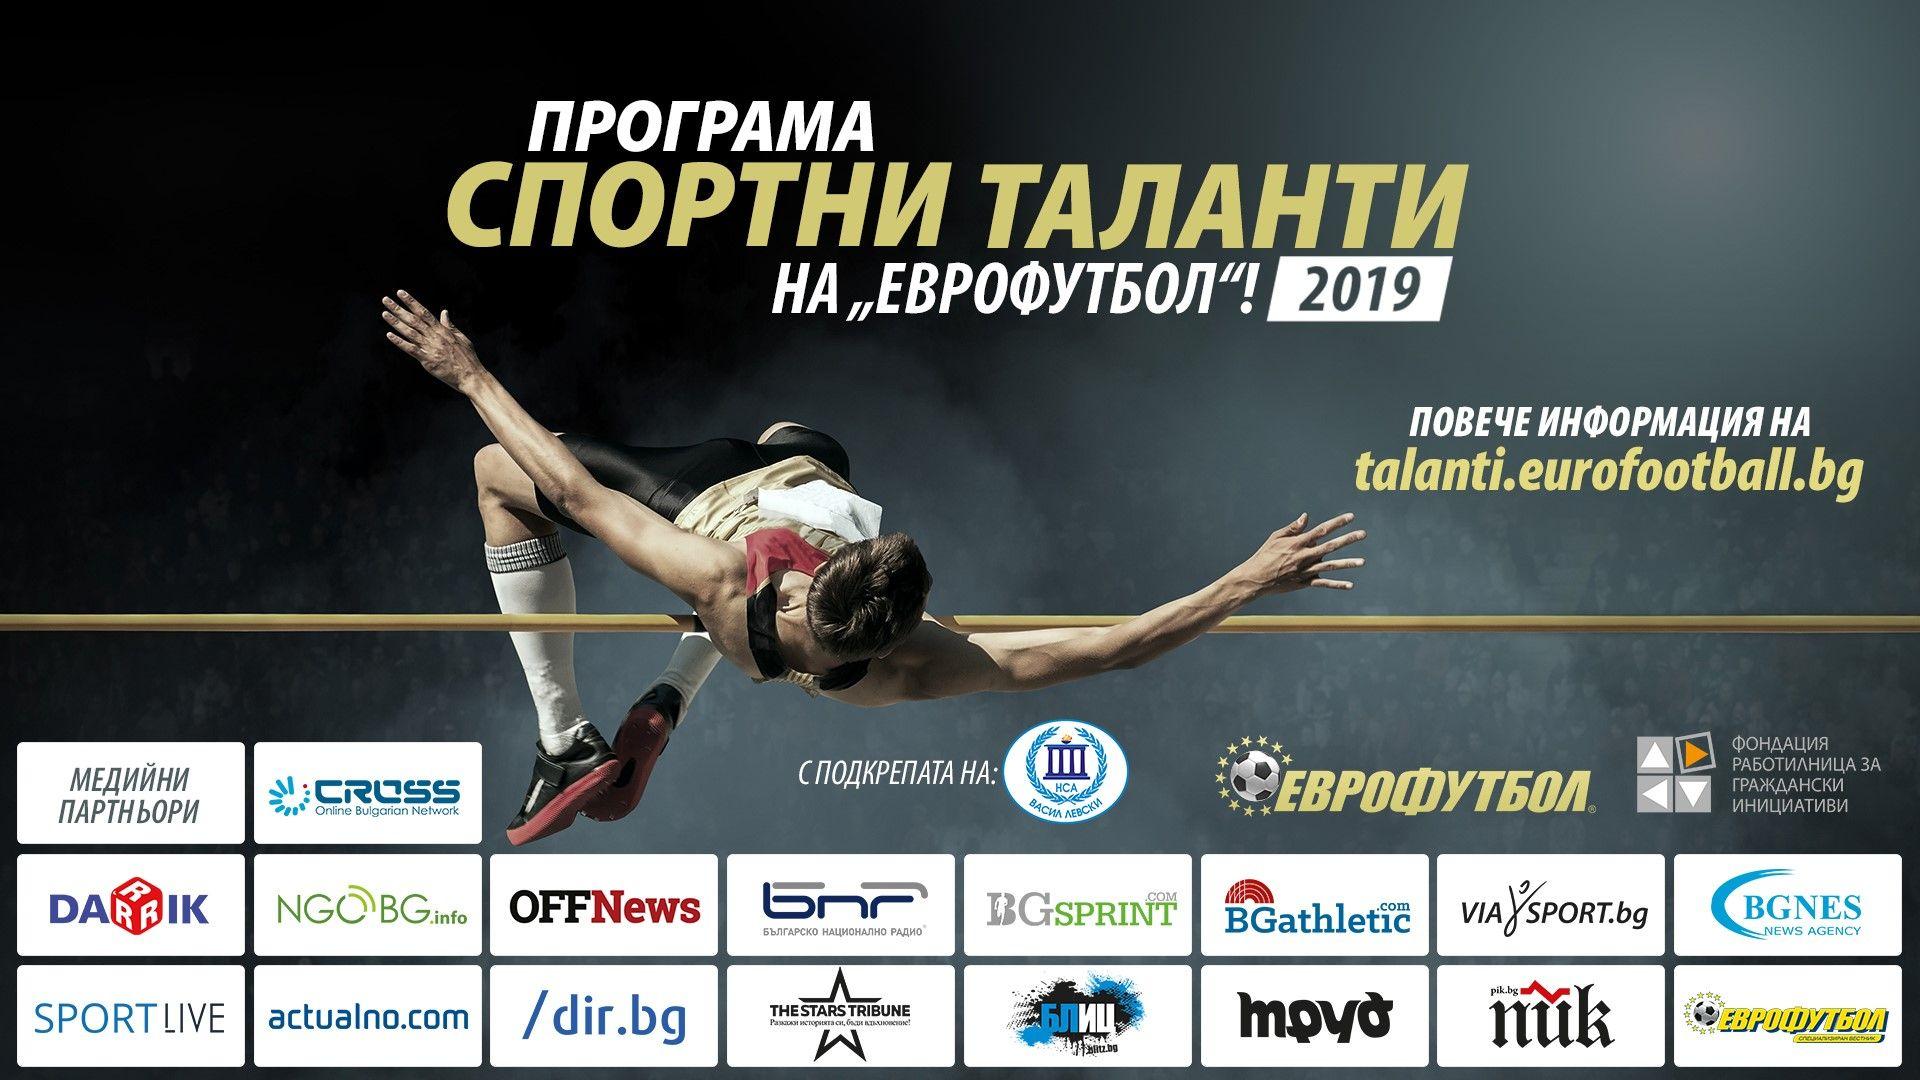 """Близо 350 000 лв. е търсената сума в 8-ото издание на """"Спортни таланти"""""""